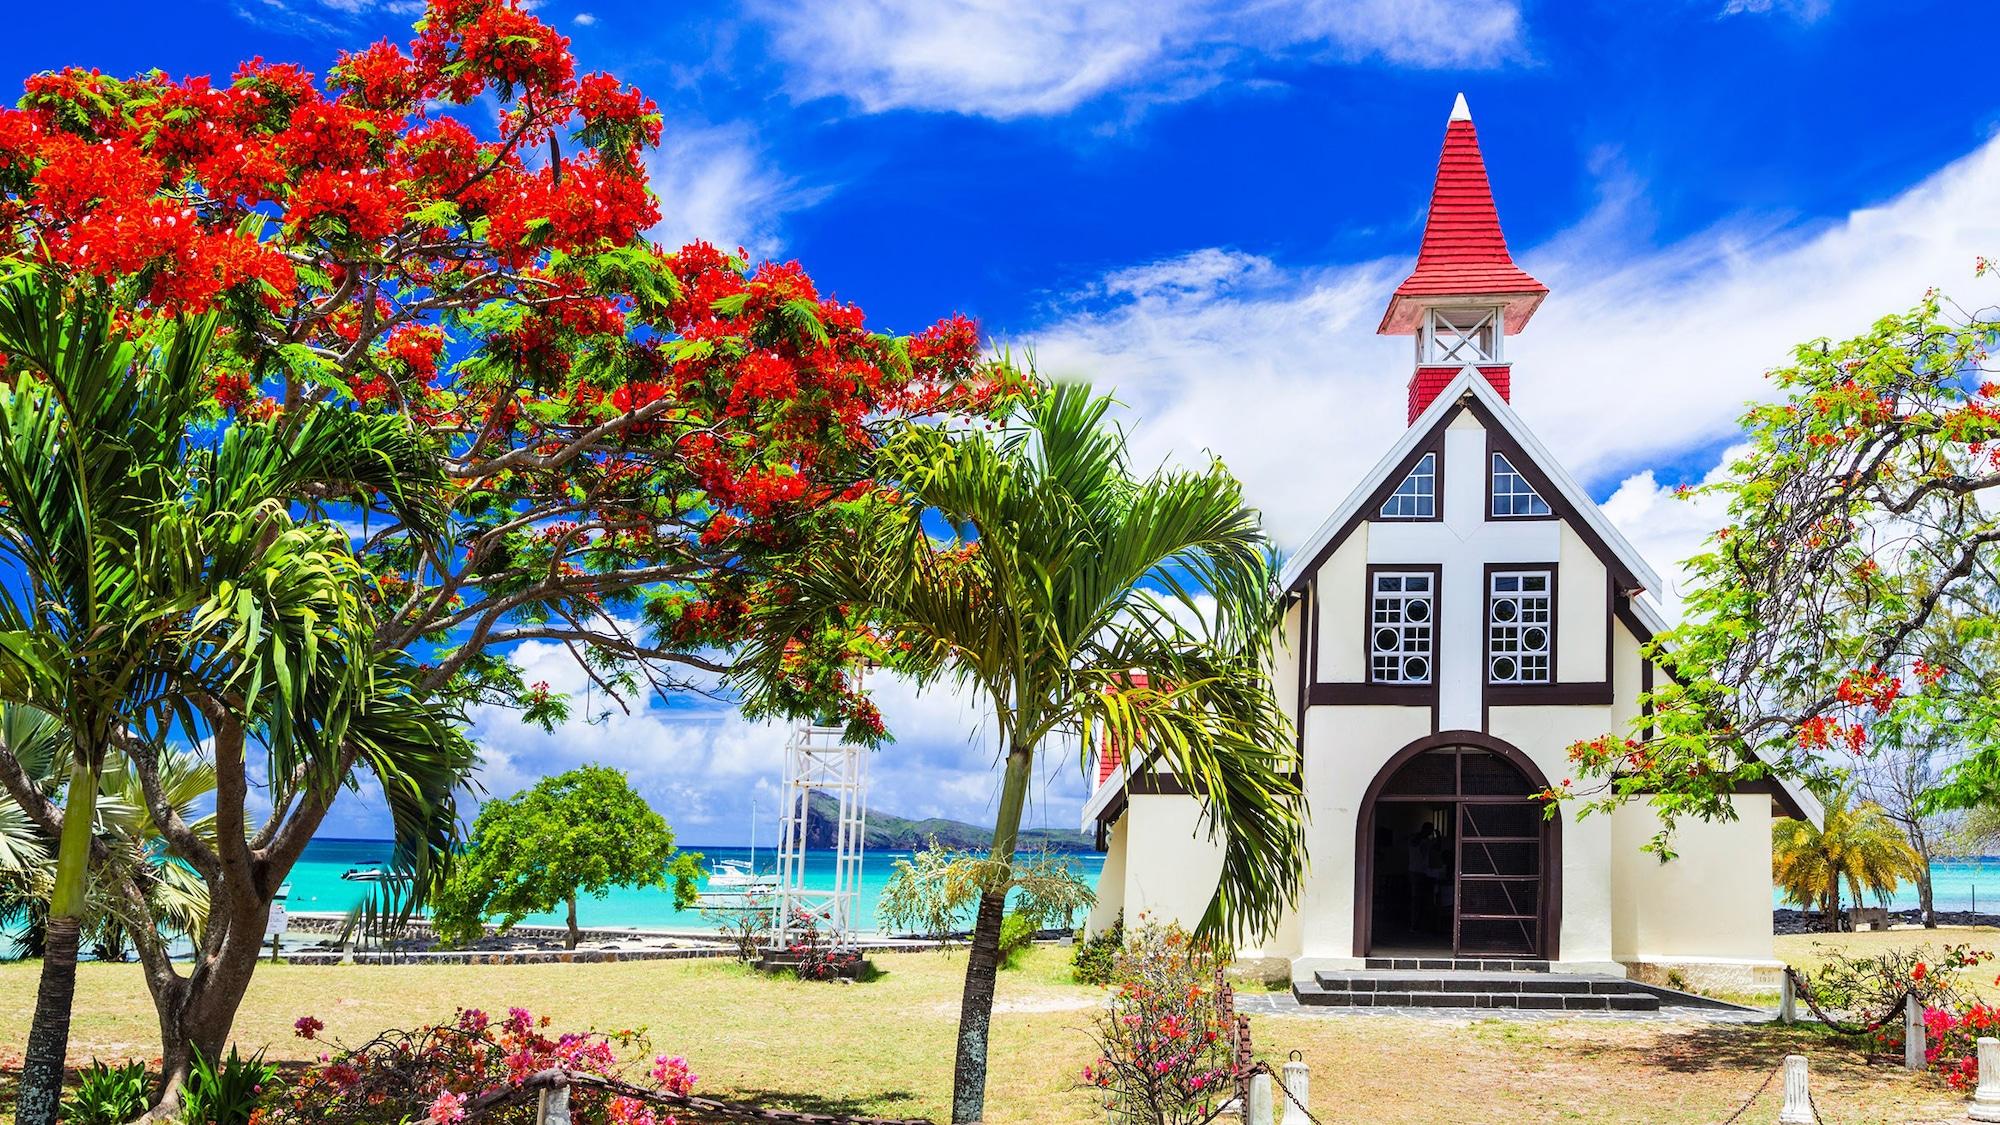 Jetzt zum absoluten Bestpreis buchen: Unvergessliche Ferien auf Mauritius